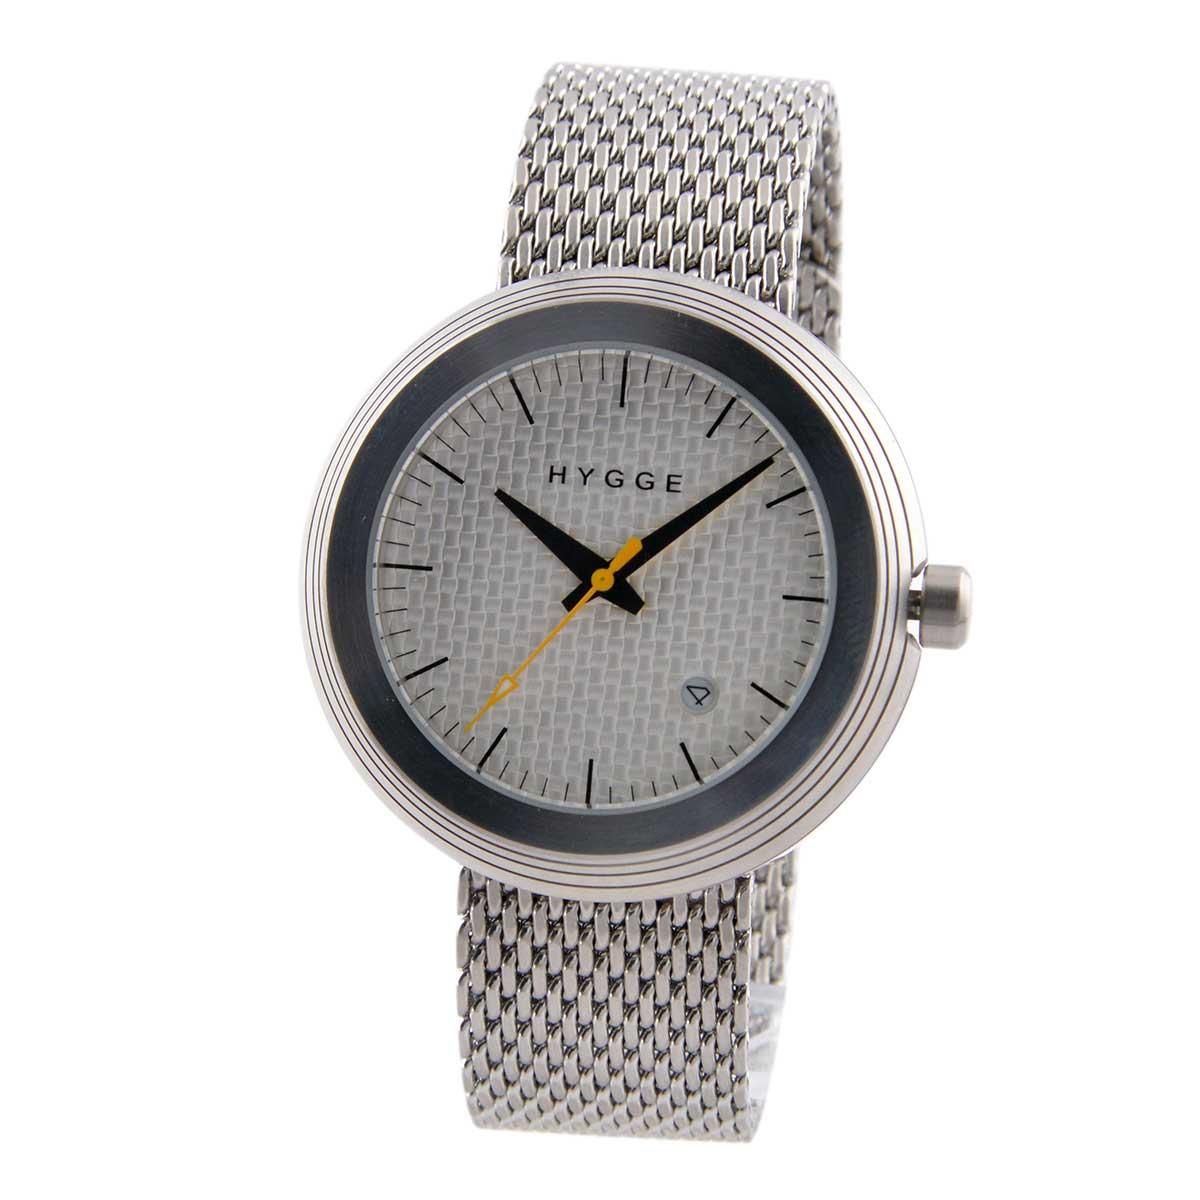 ヒュッゲ HYGGE メッシュ MSM2311D(CH) ユニセックス メンズ レディース 腕時計